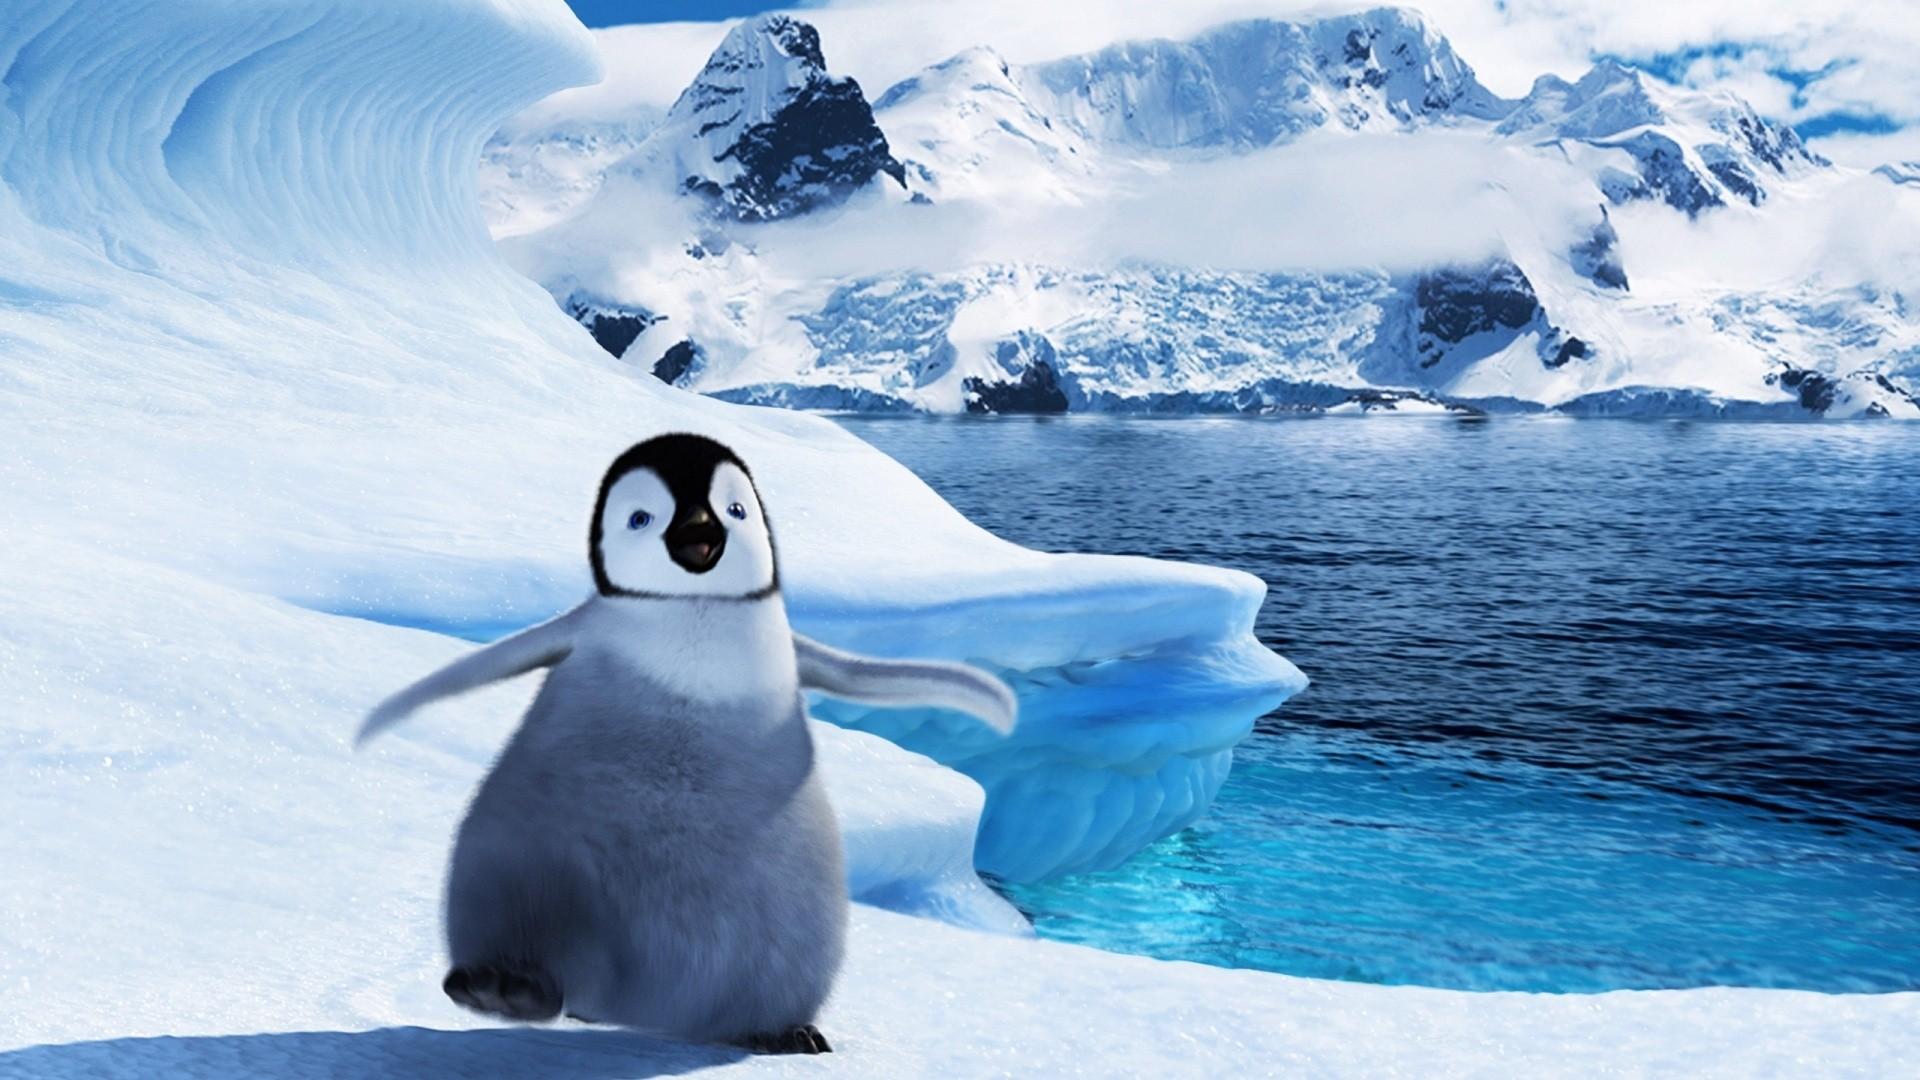 Penguin Full HD Wallpaper